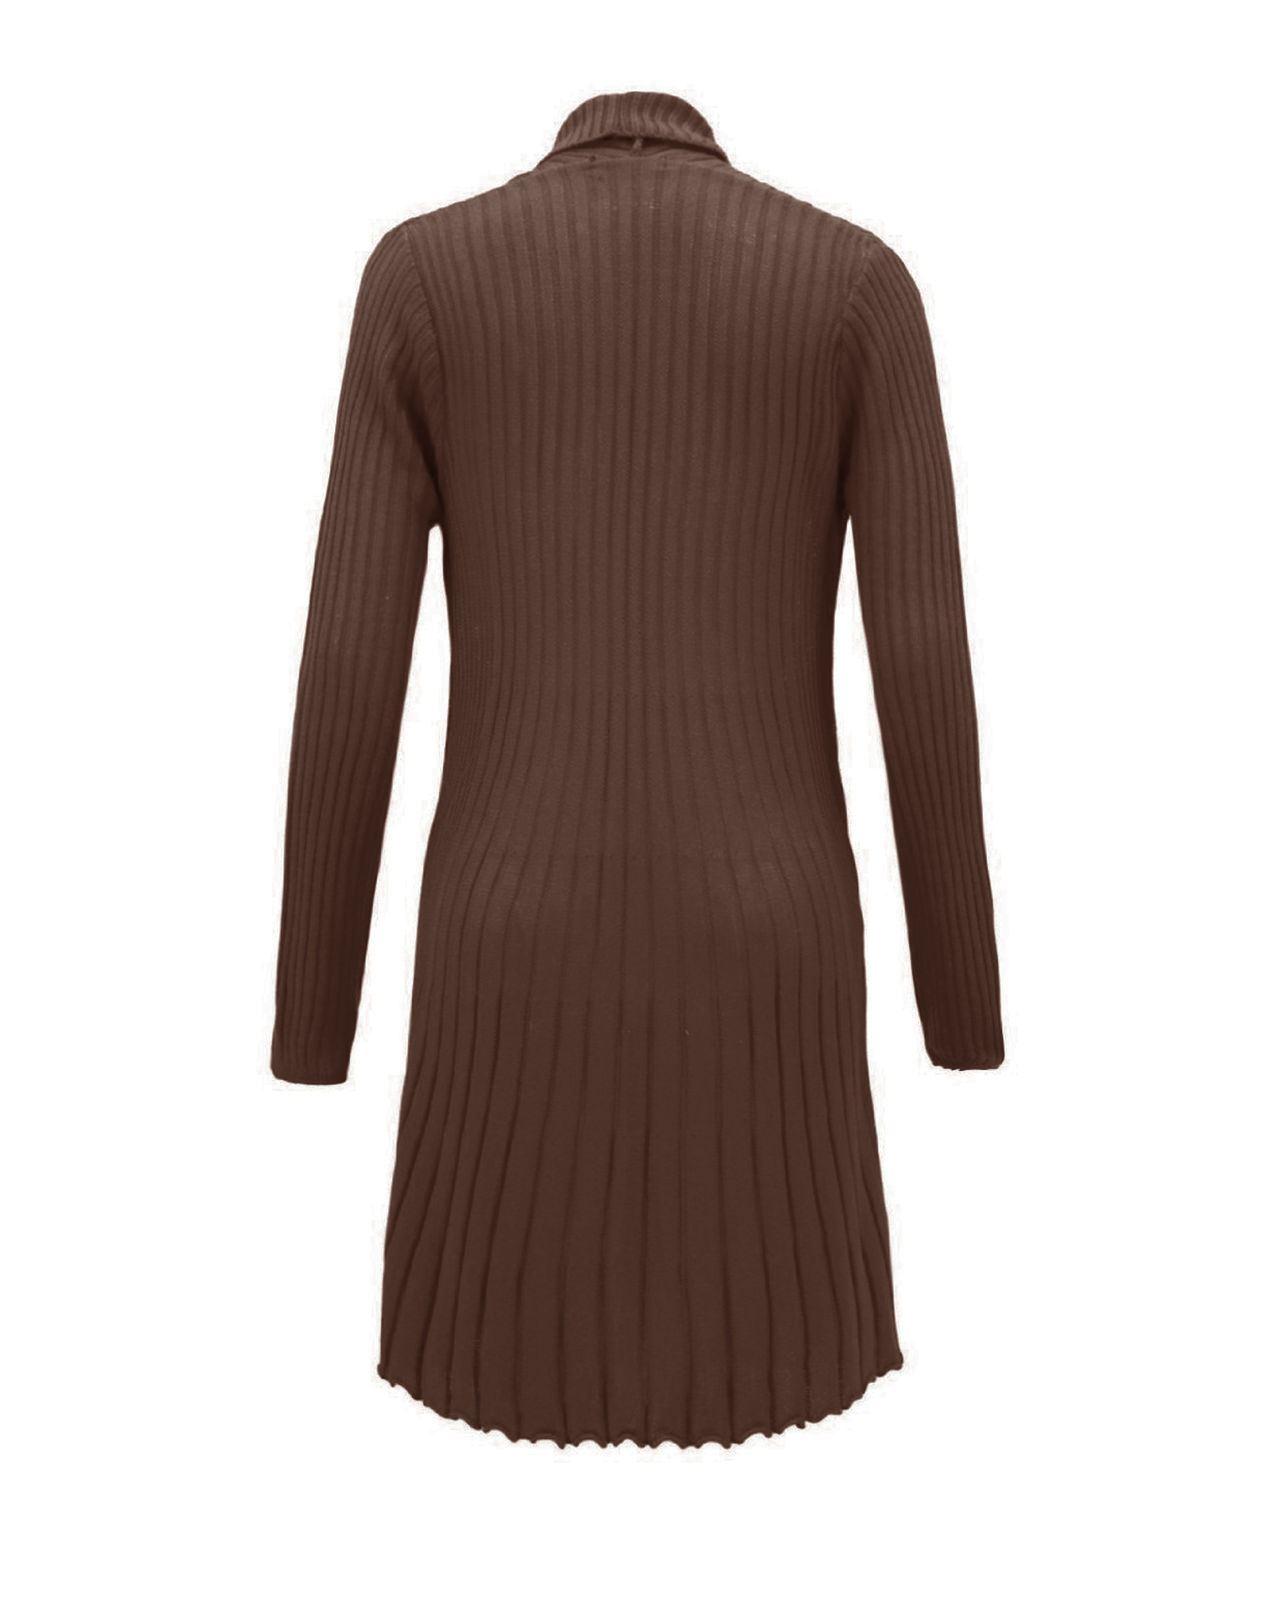 Senoras-Mujeres-De-Punto-Boyfriend-Cardigan-Brooched-Cascada-sumeria-Vestido-Jumper miniatura 5